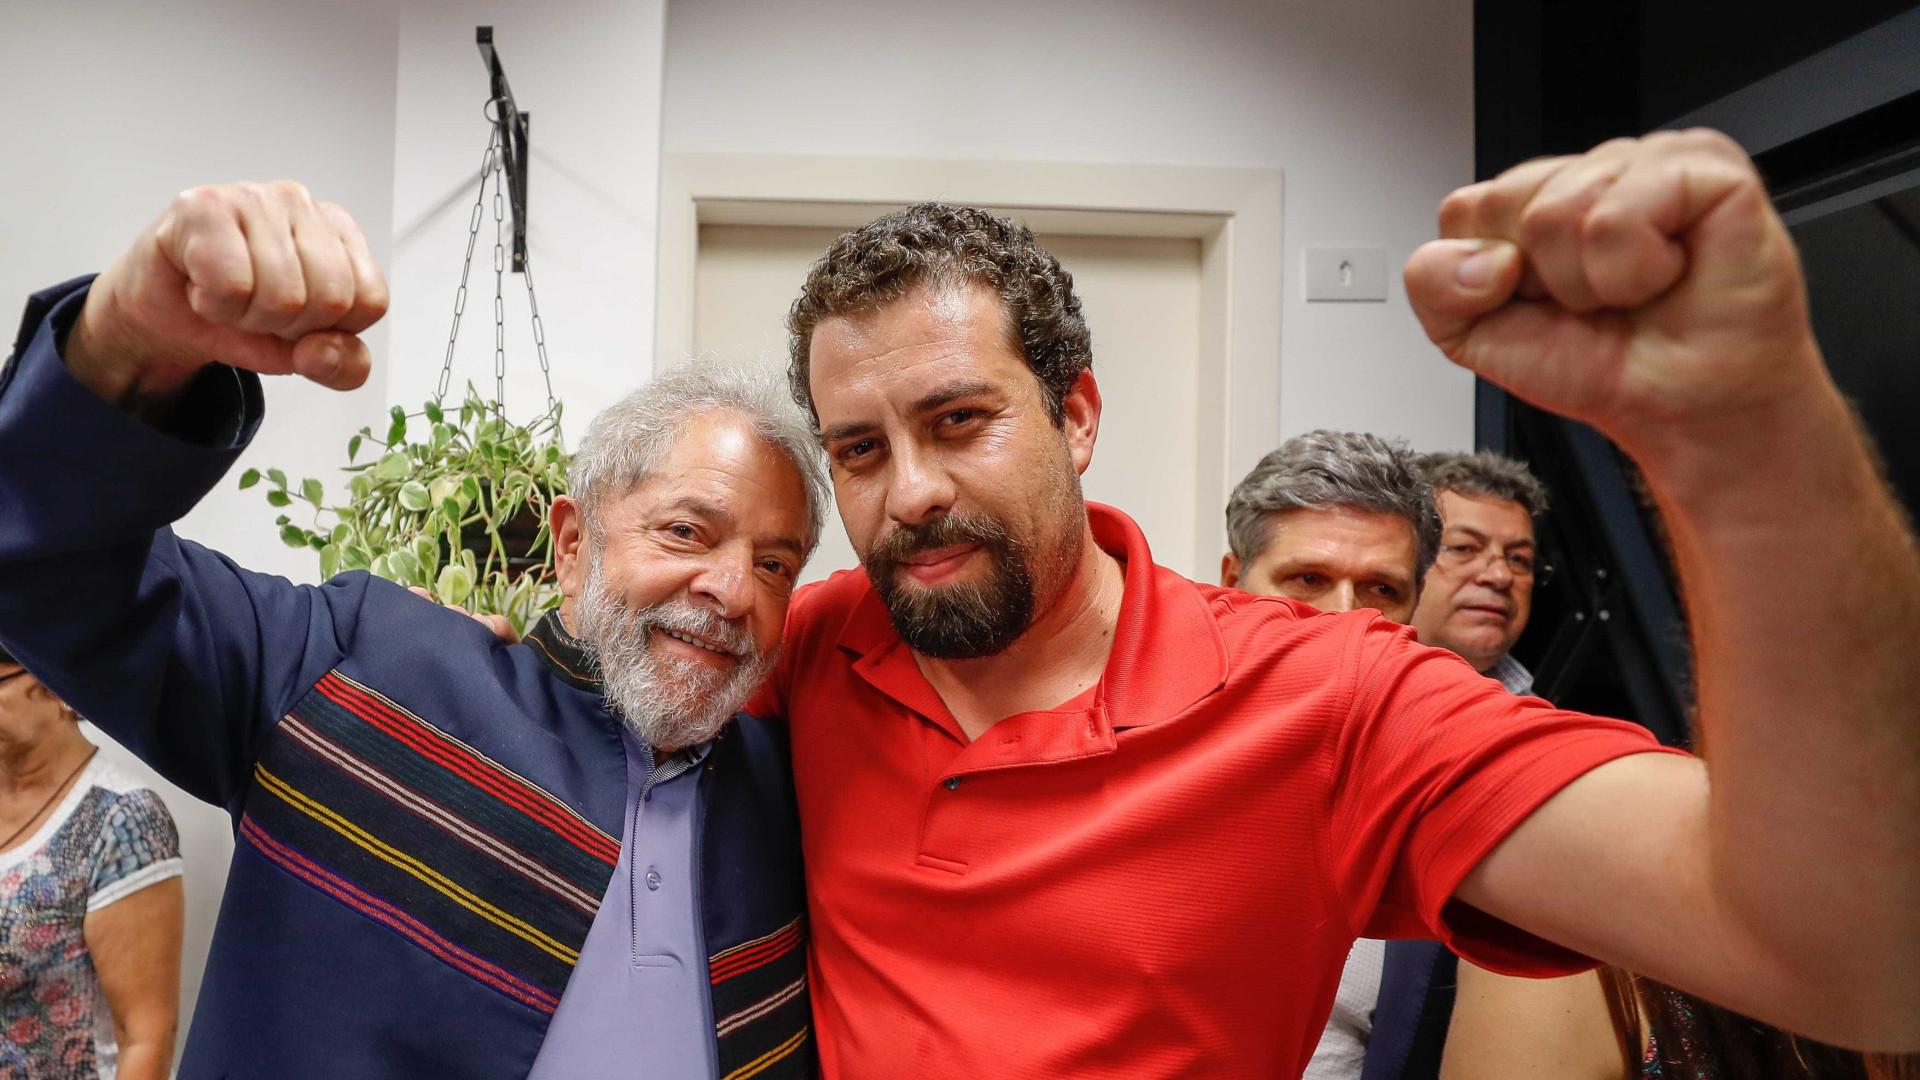 Mesmo condenado e preso, Lula segue com poder de mobilizar políticos